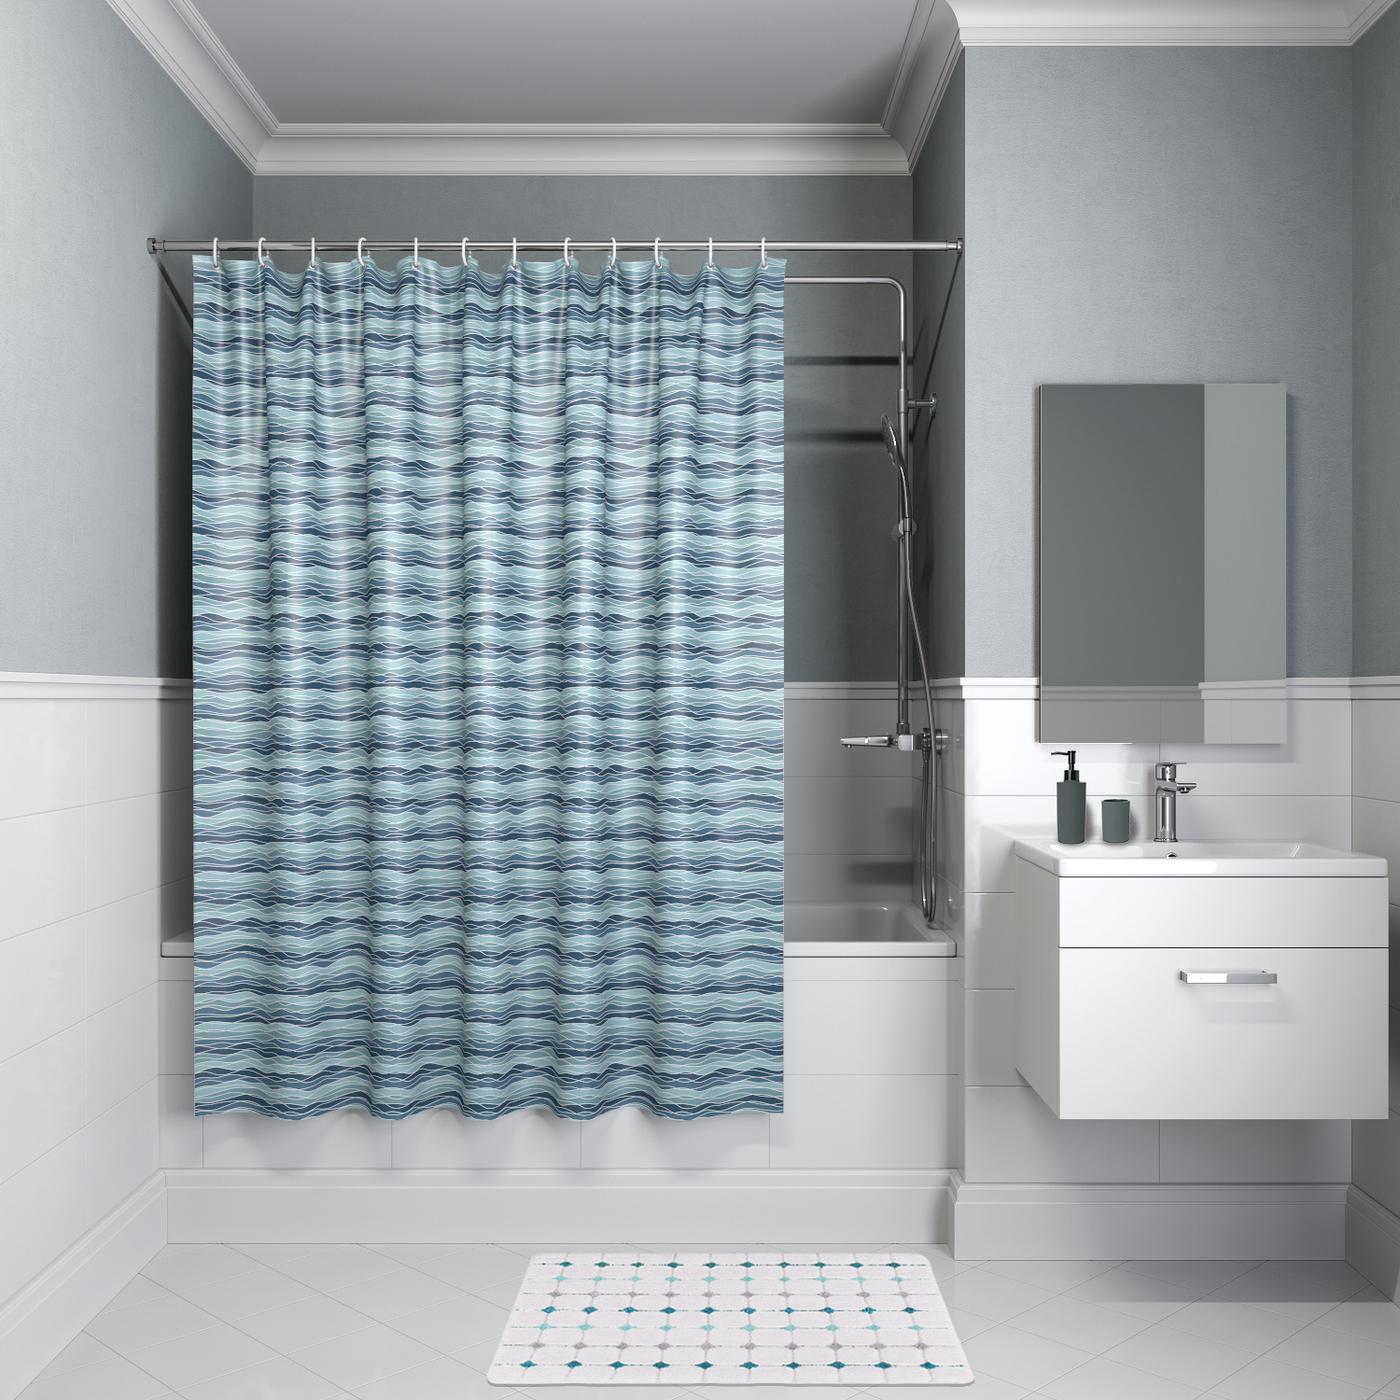 тканевая штора для ванной фото идеи